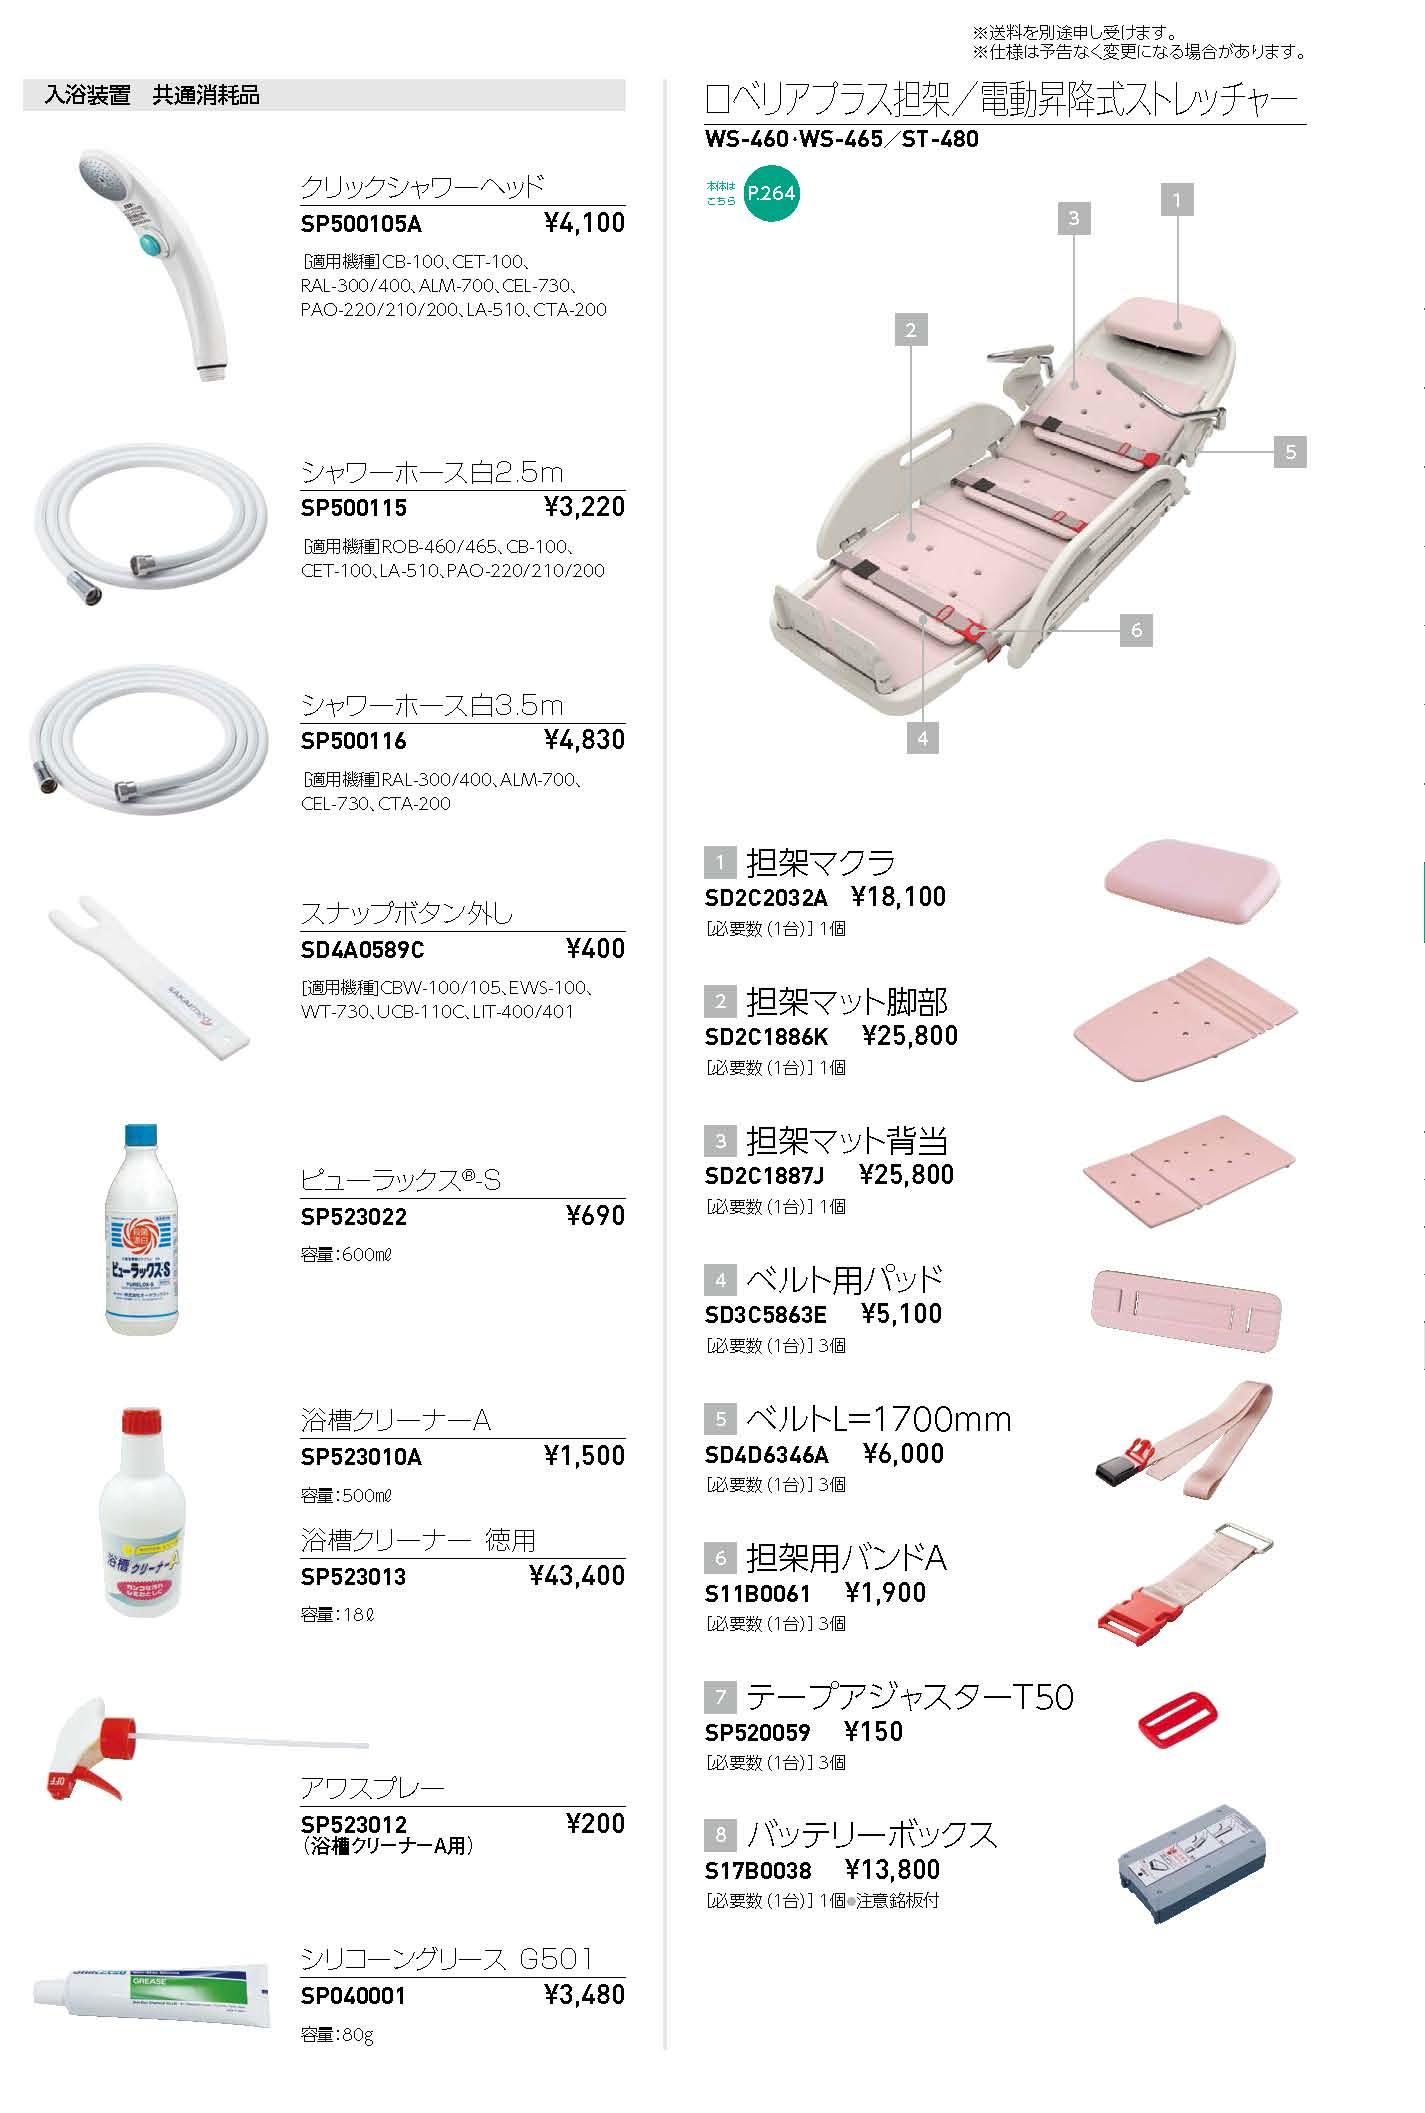 シャワーホース白2.5mSP500115(saSP500115)